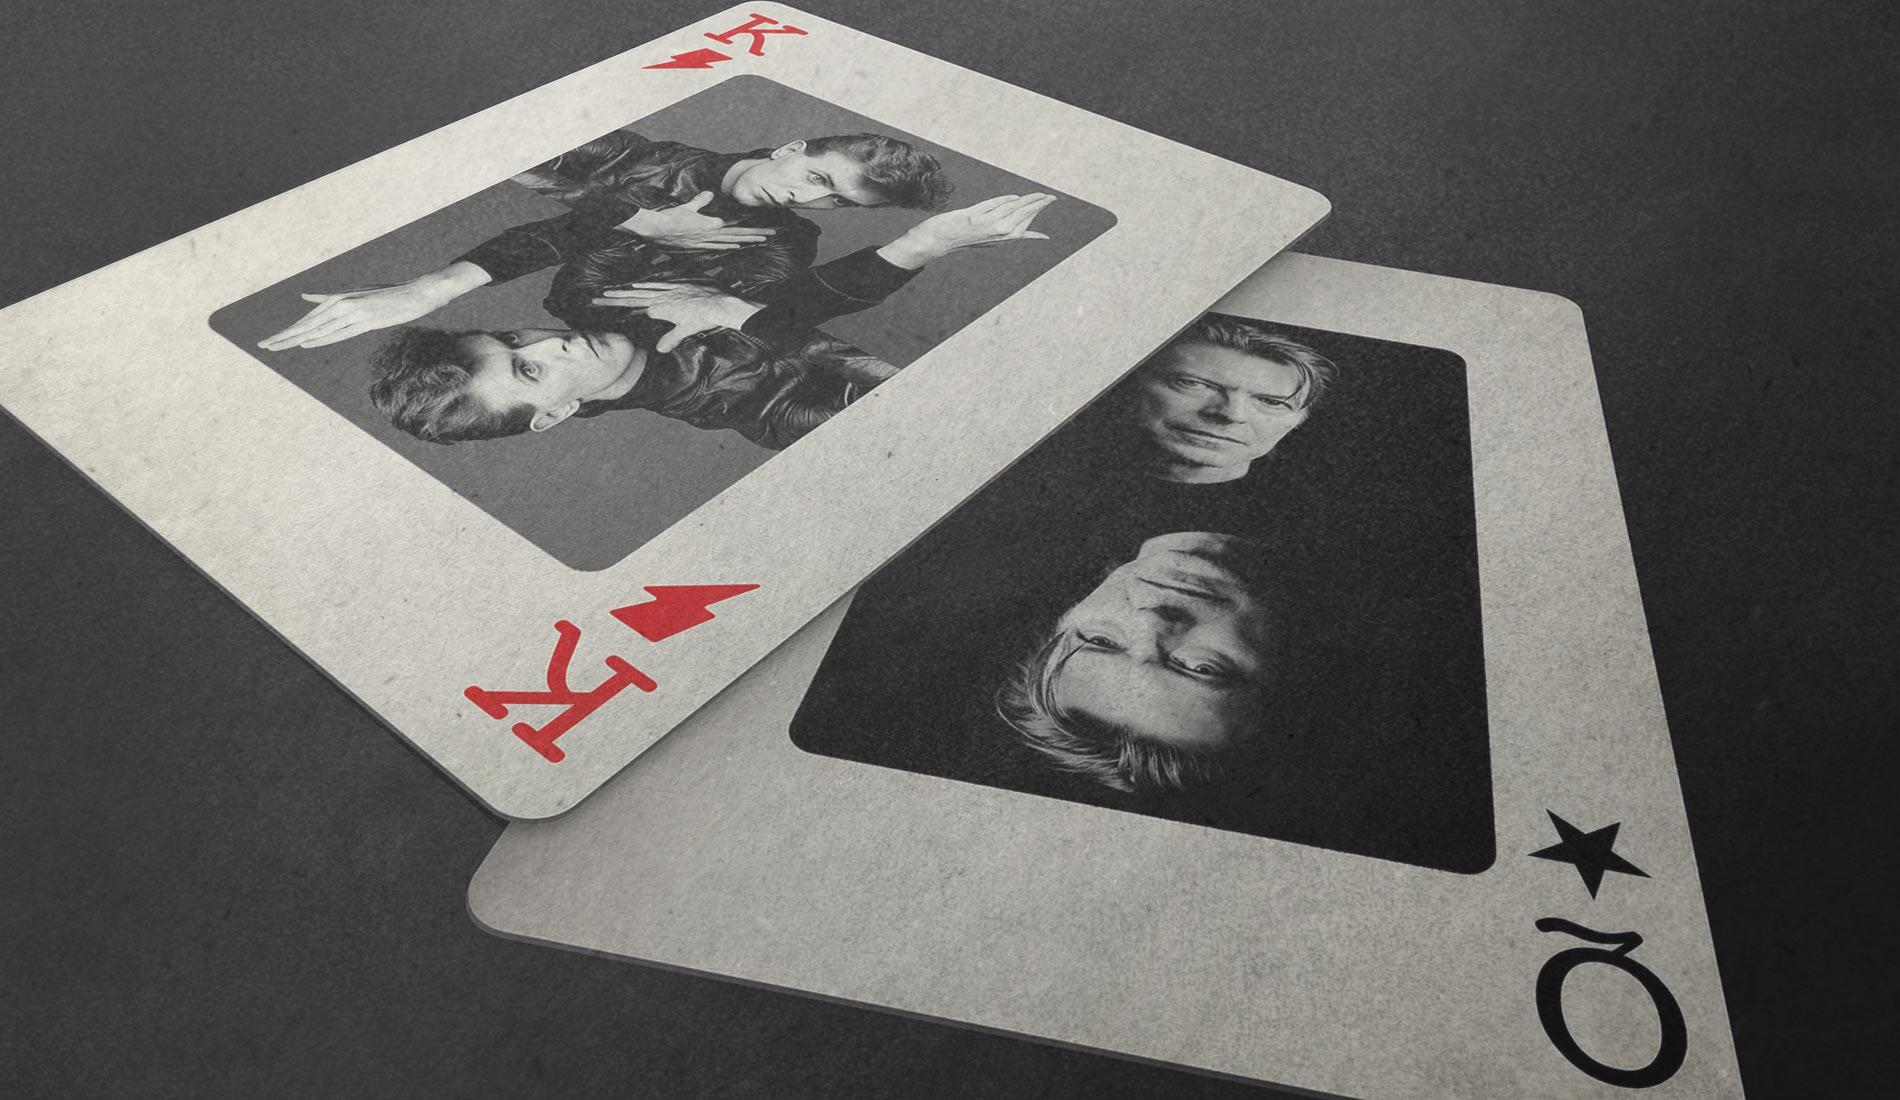 Detailansicht des Posters >Heroes< von David Bowie